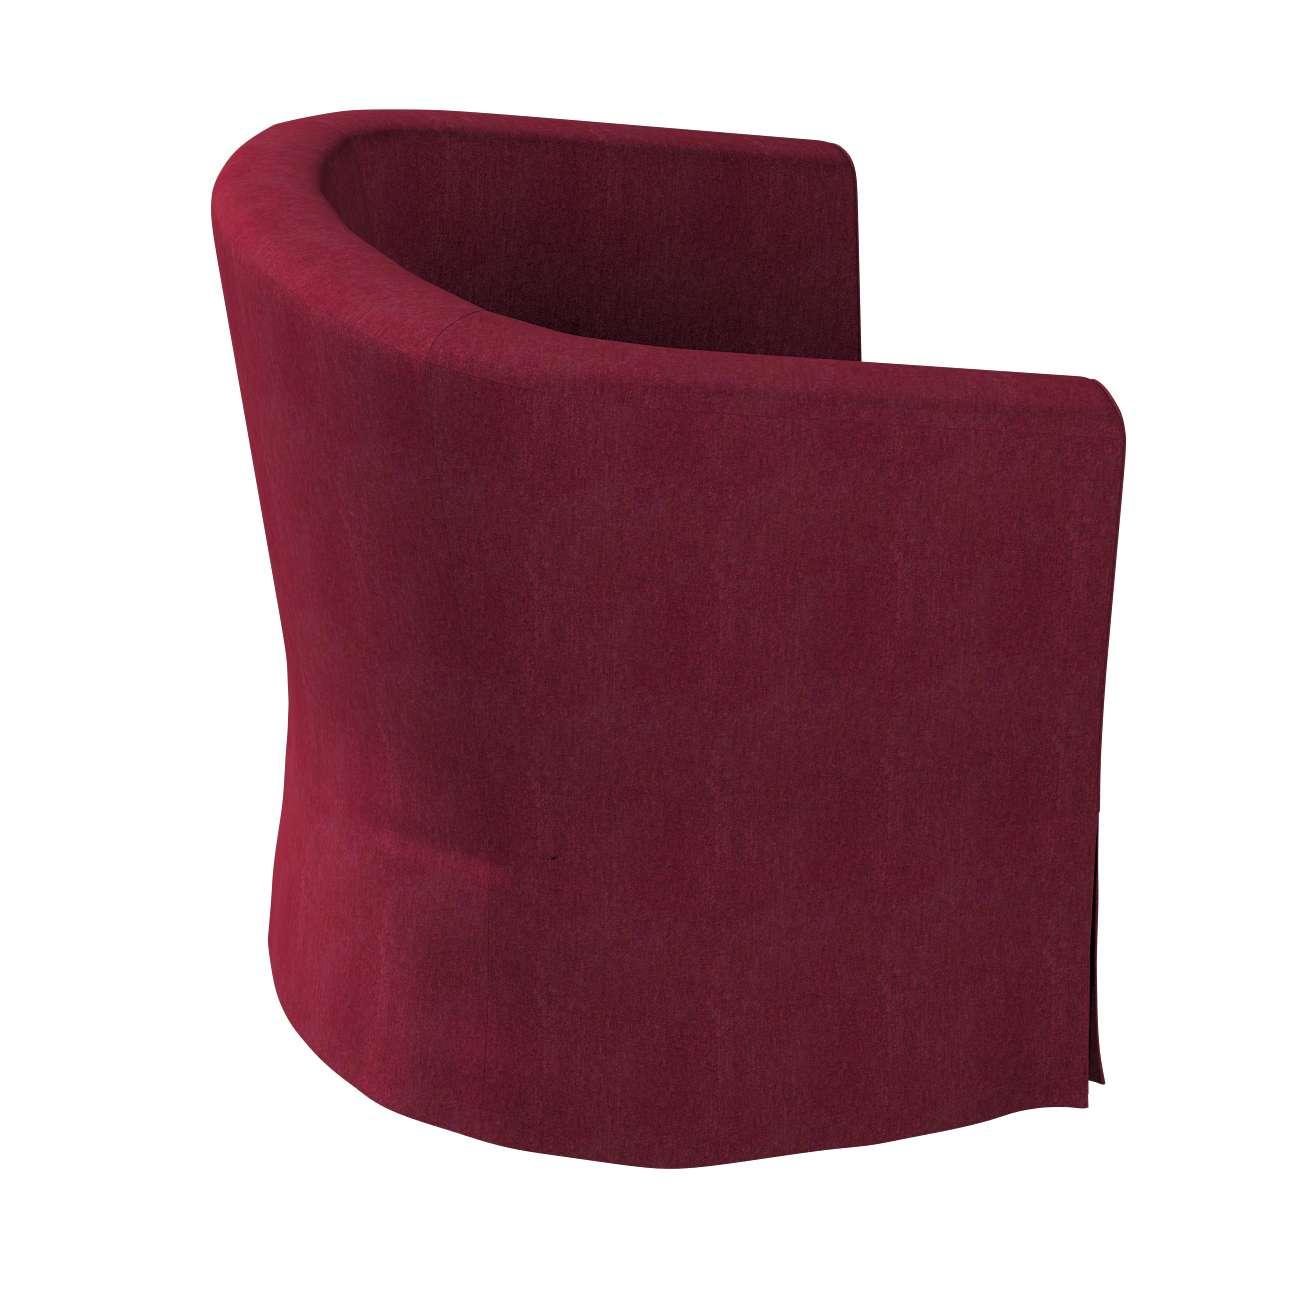 Pokrowiec na fotel Ektorp Tullsta w kolekcji Chenille, tkanina: 702-19